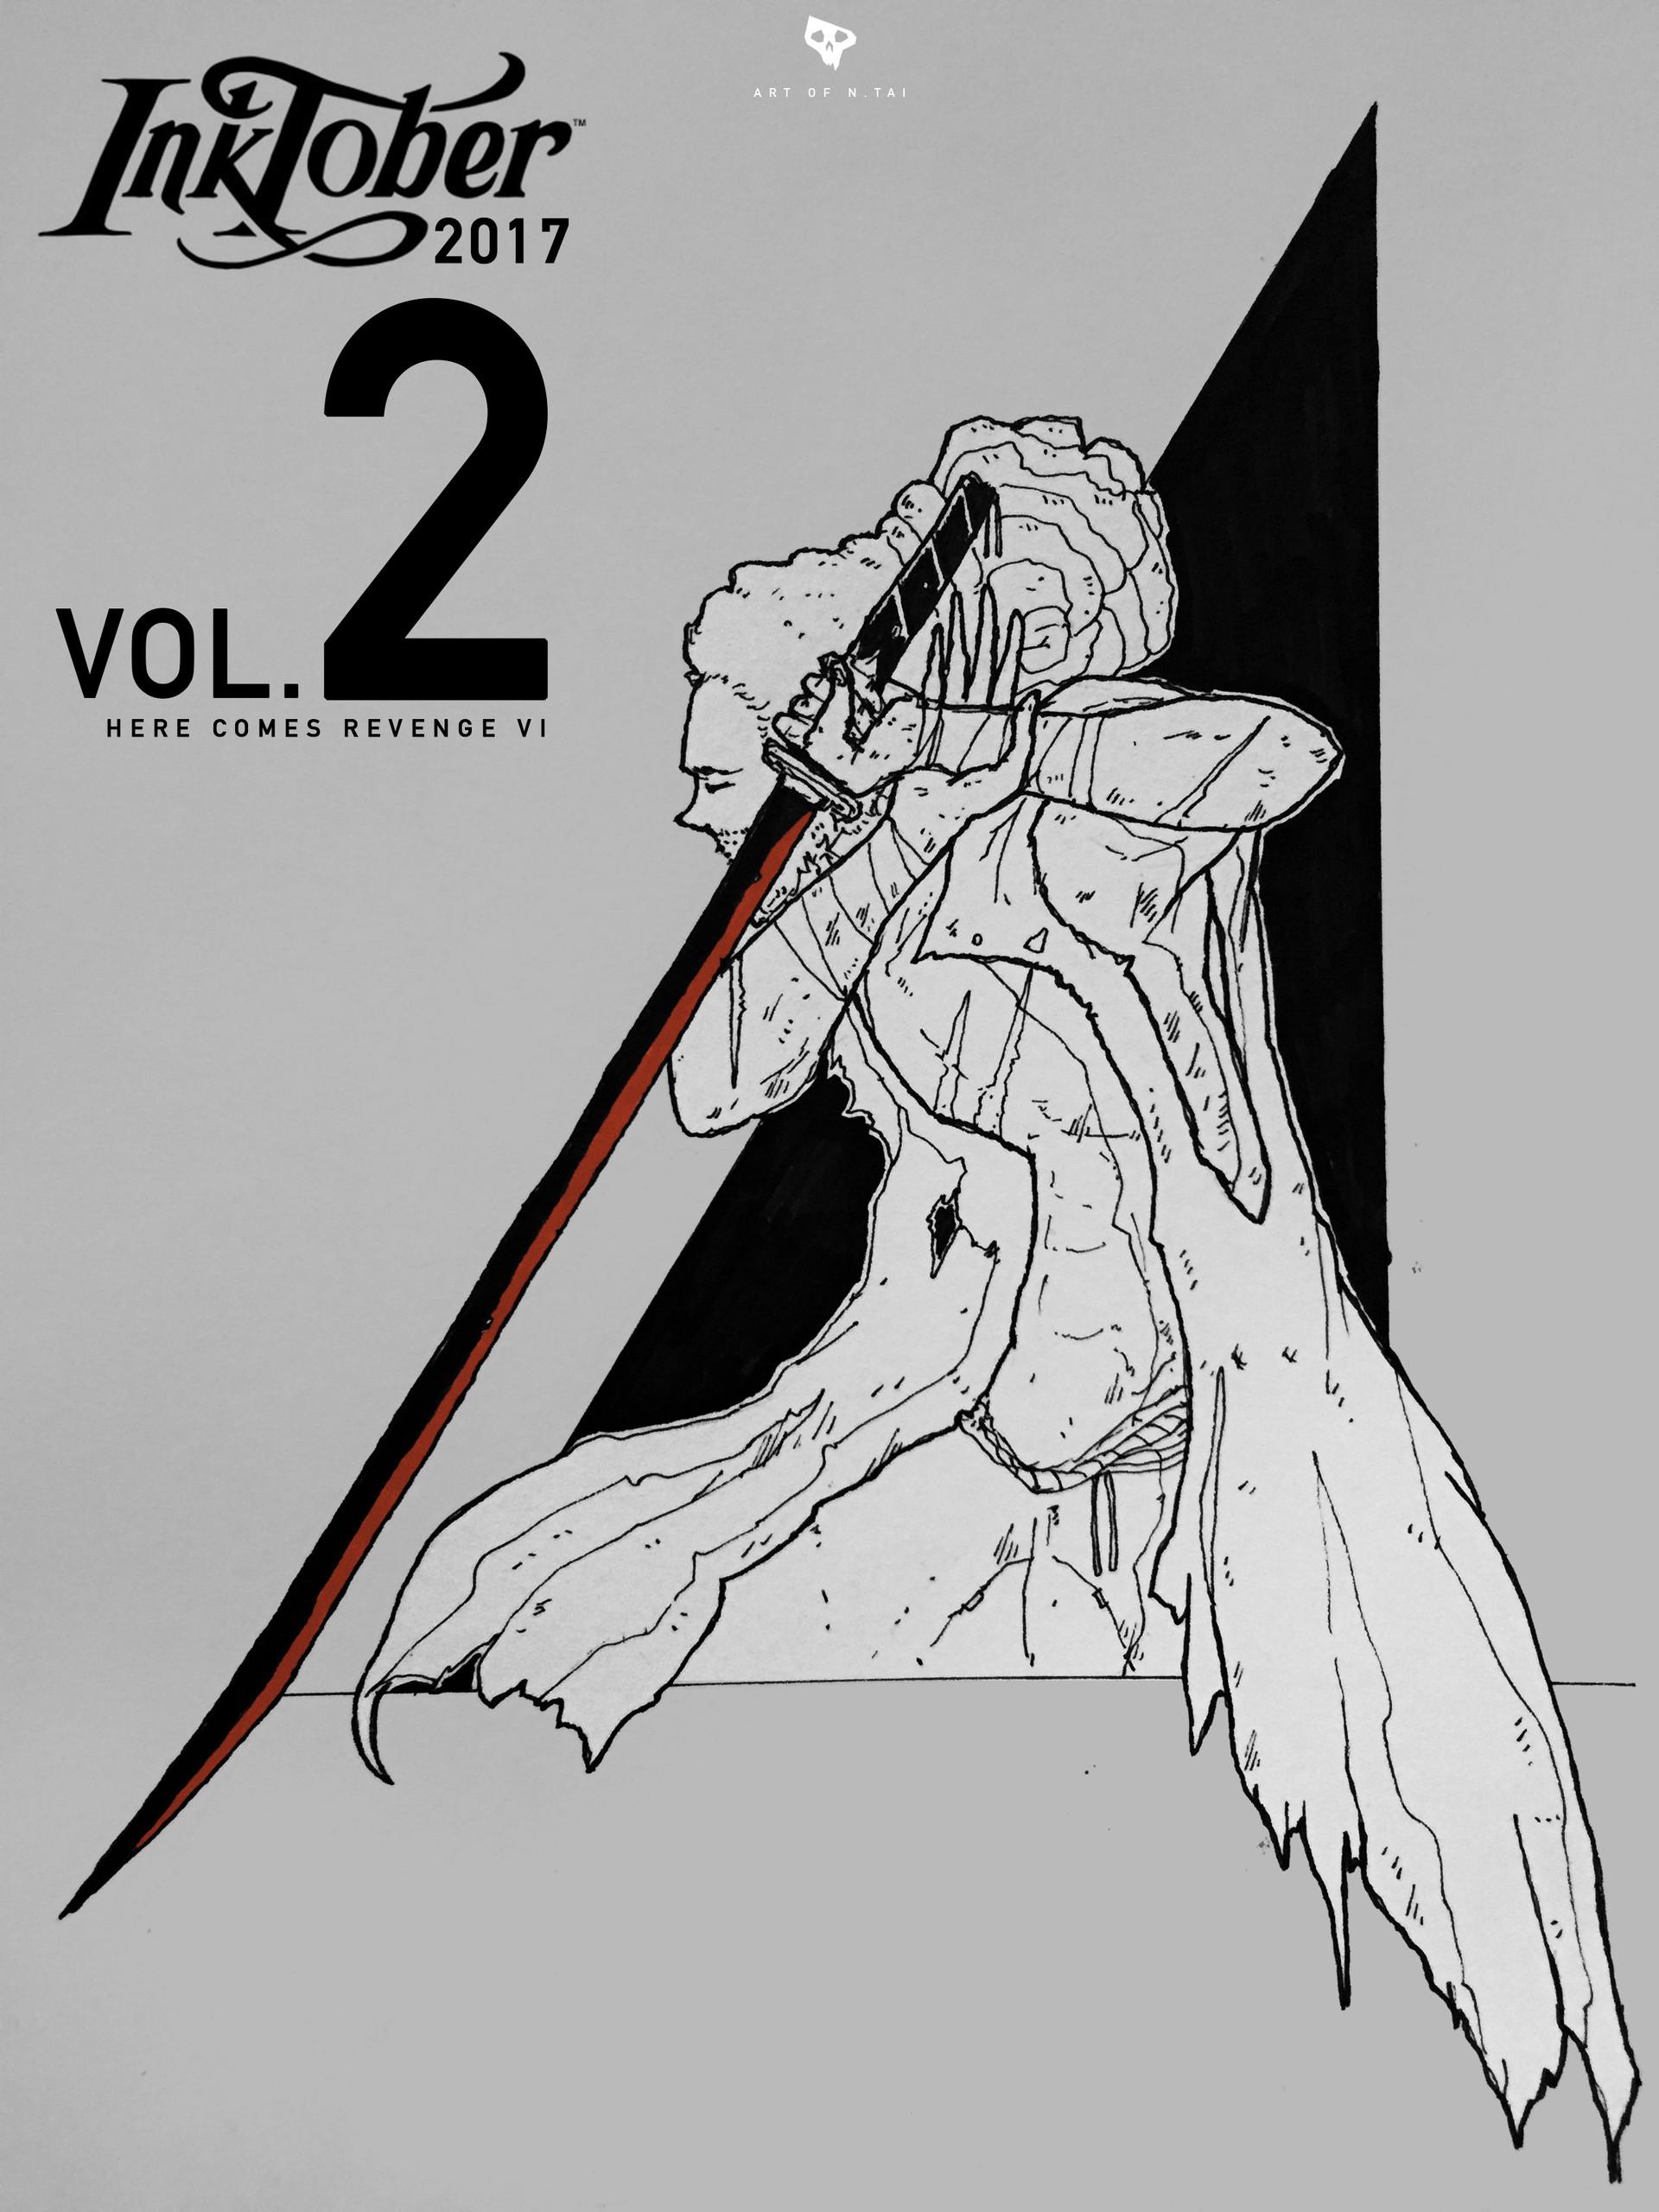 Here Comes Revenge VI